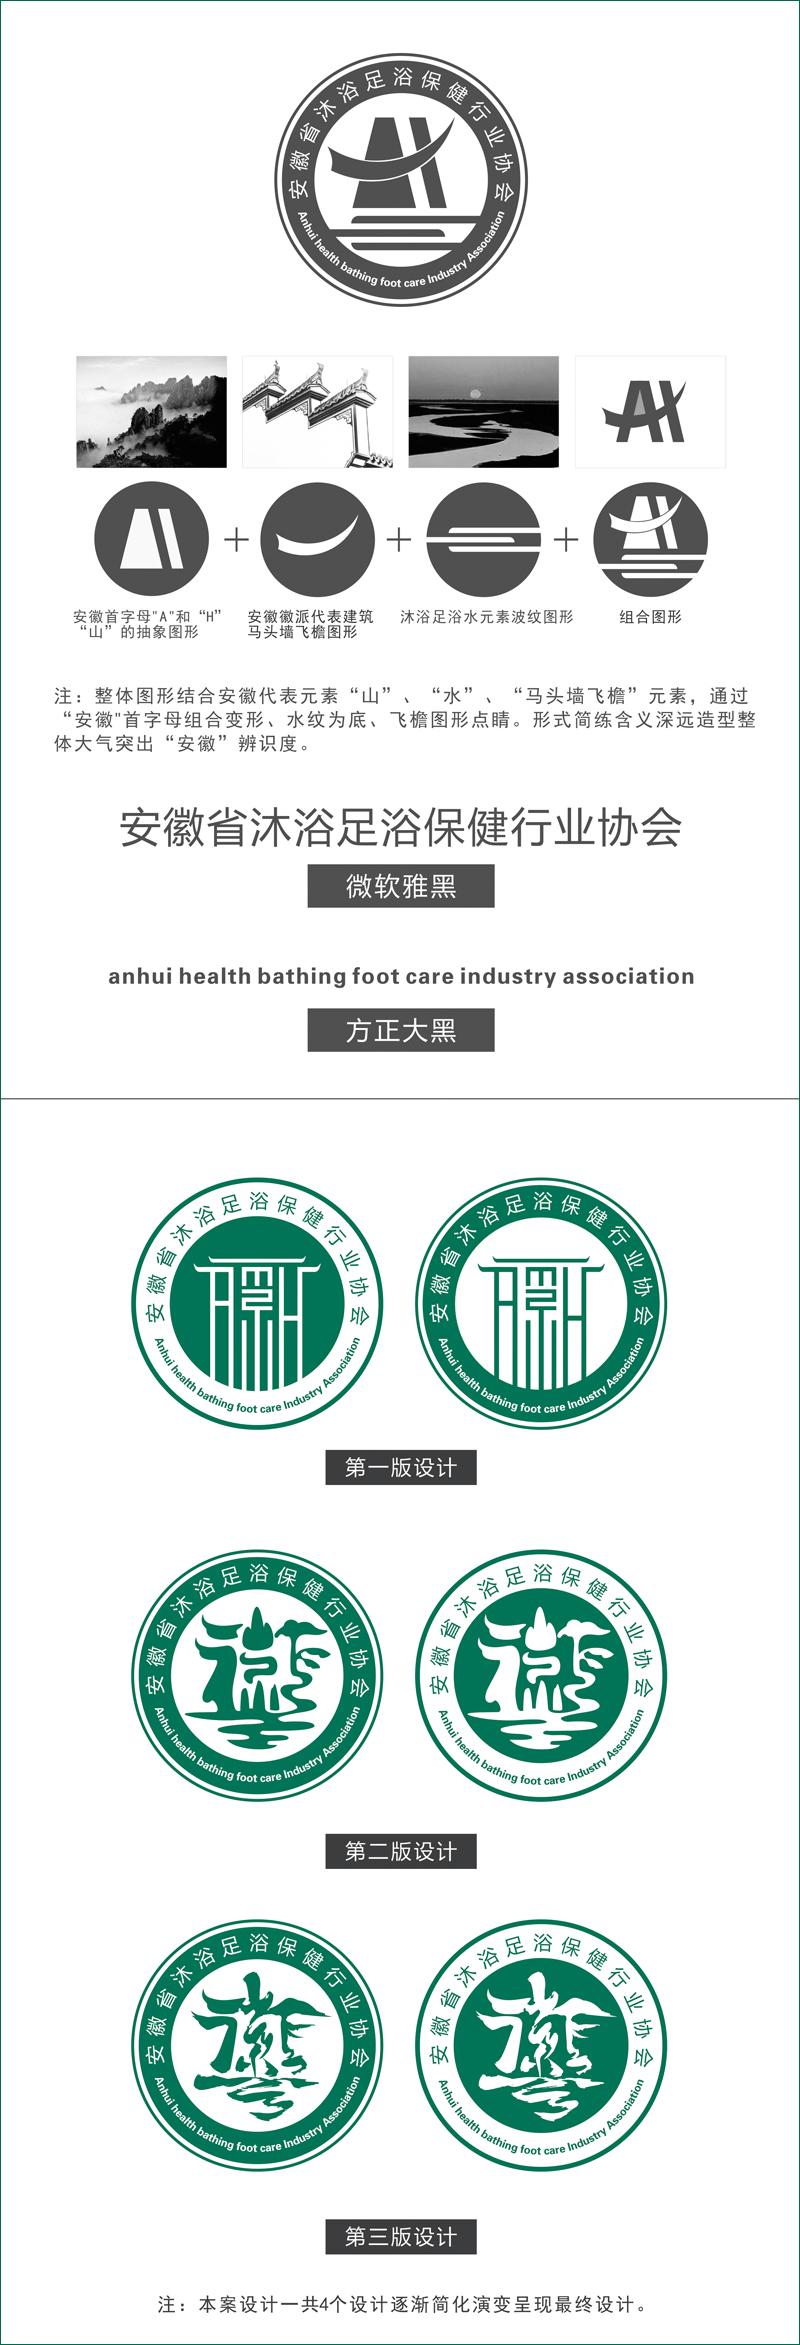 安徽省沐浴足疗保健行业协会标识设计(图2)